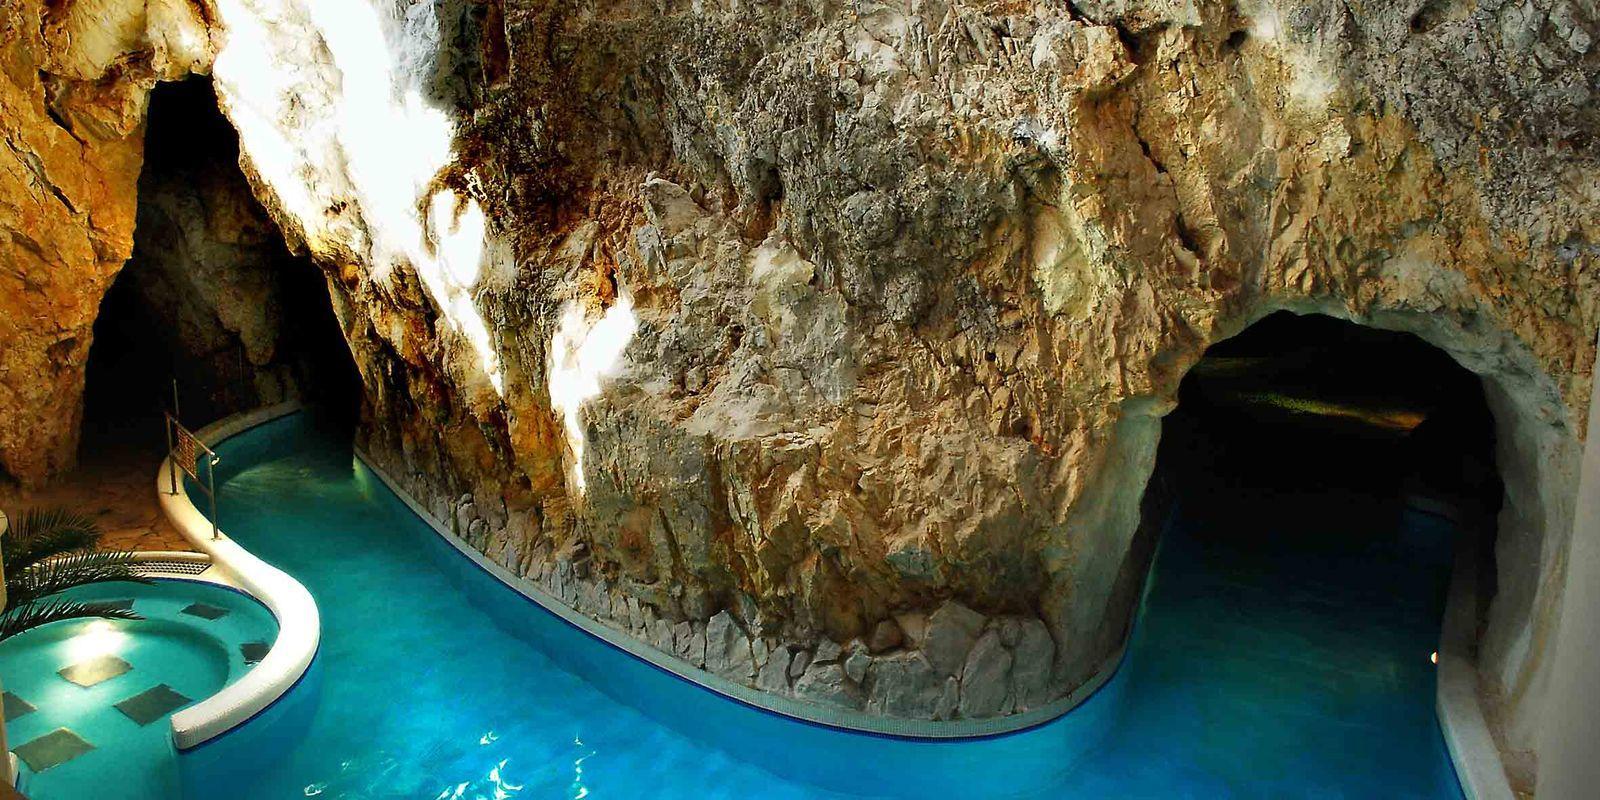 Пещерная термальная купальня в Мишкольц-Тапольце, Венгрия